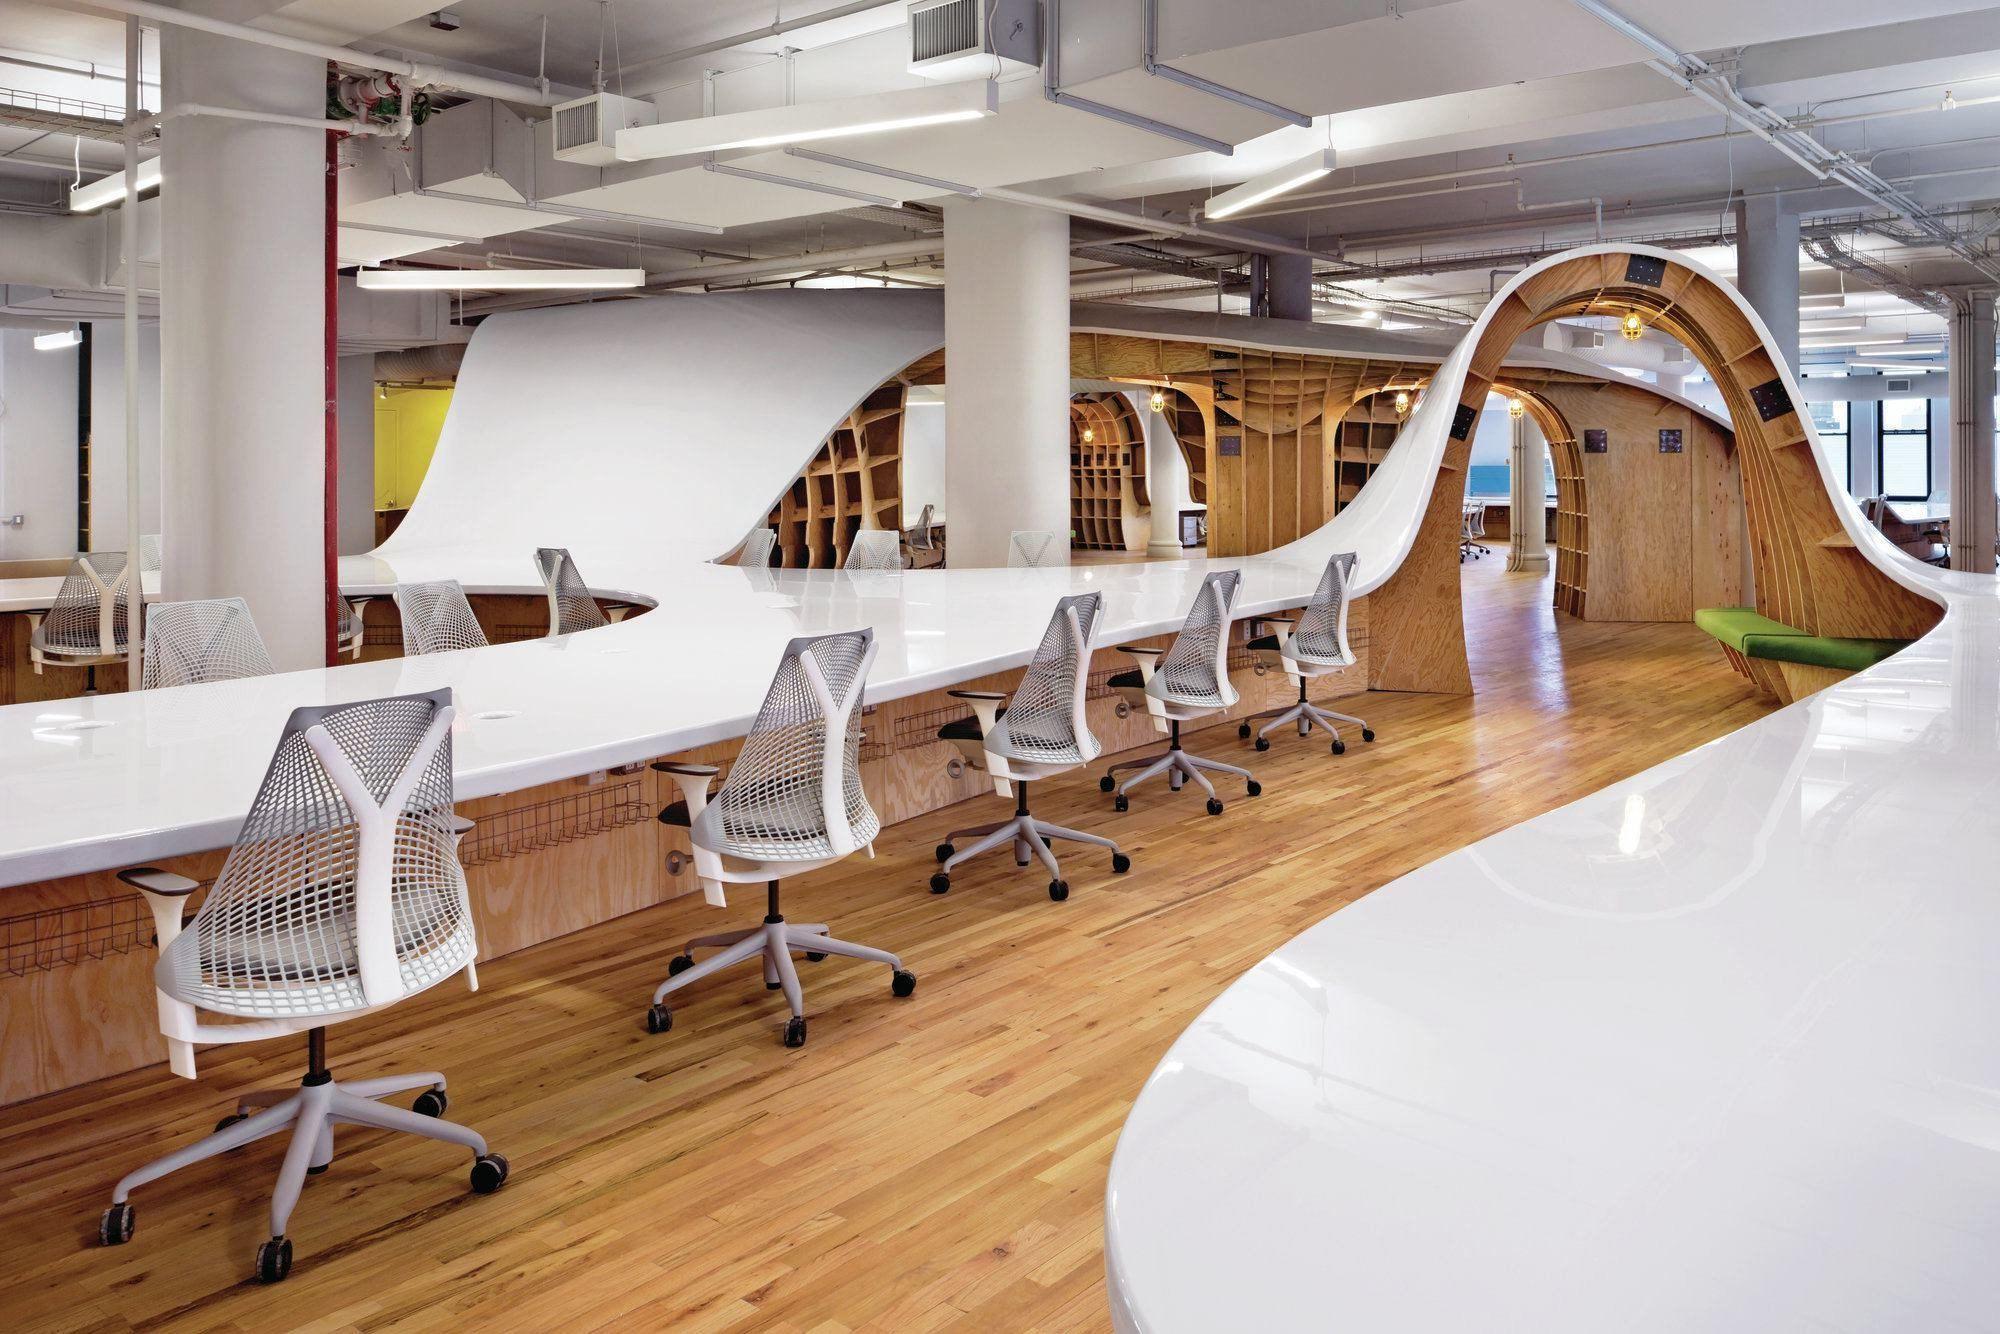 Gli 8 migliori uffici di design al mondo secondo makte for Uffici di design